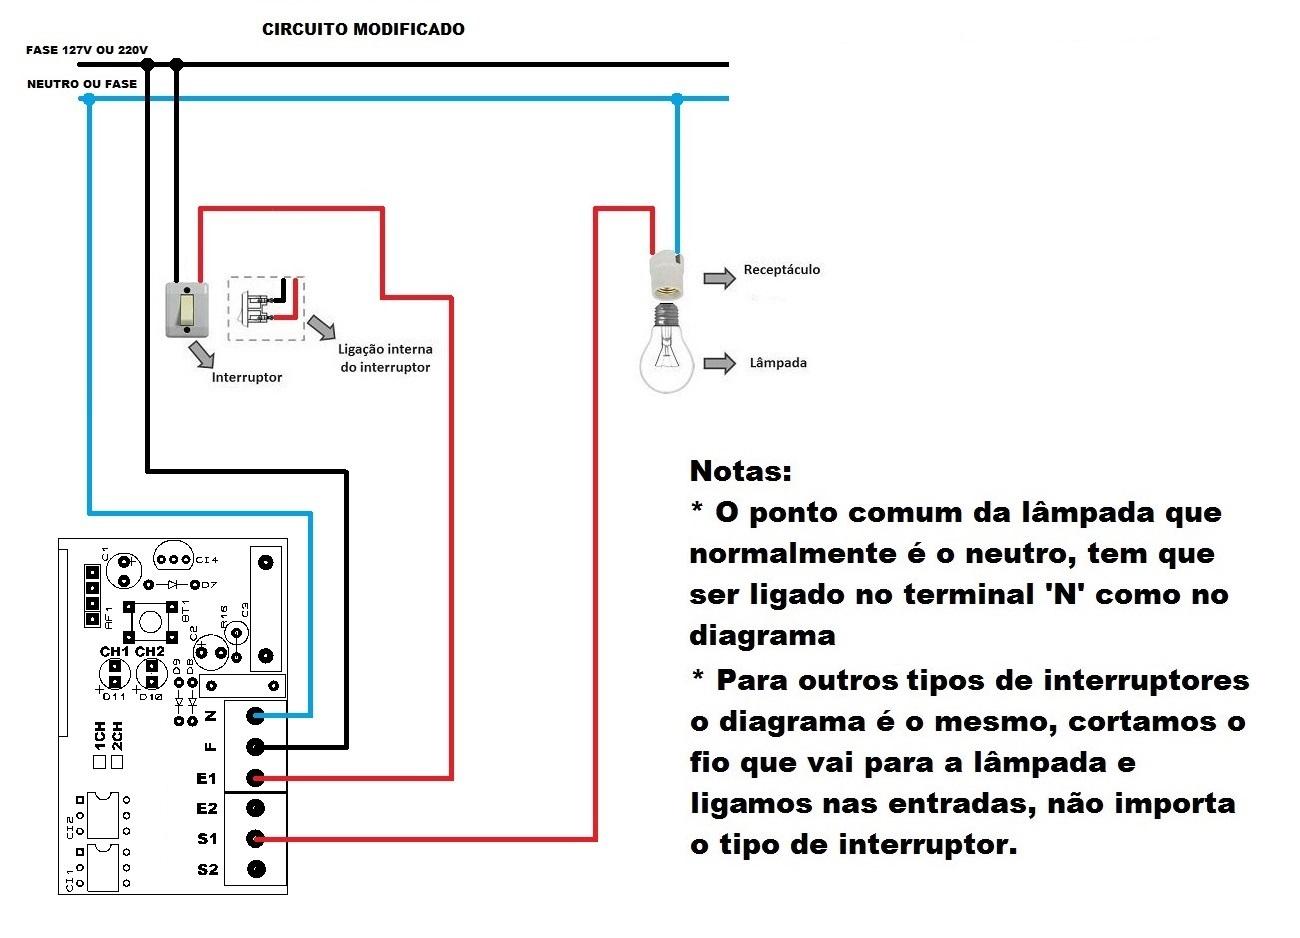 img04_conhecendo_o_modulo_dimmer_ac_bivolt_com_rf_433mhz_para_automacao_arduino_pic_esp8266_wifi_nodemcu_wireless